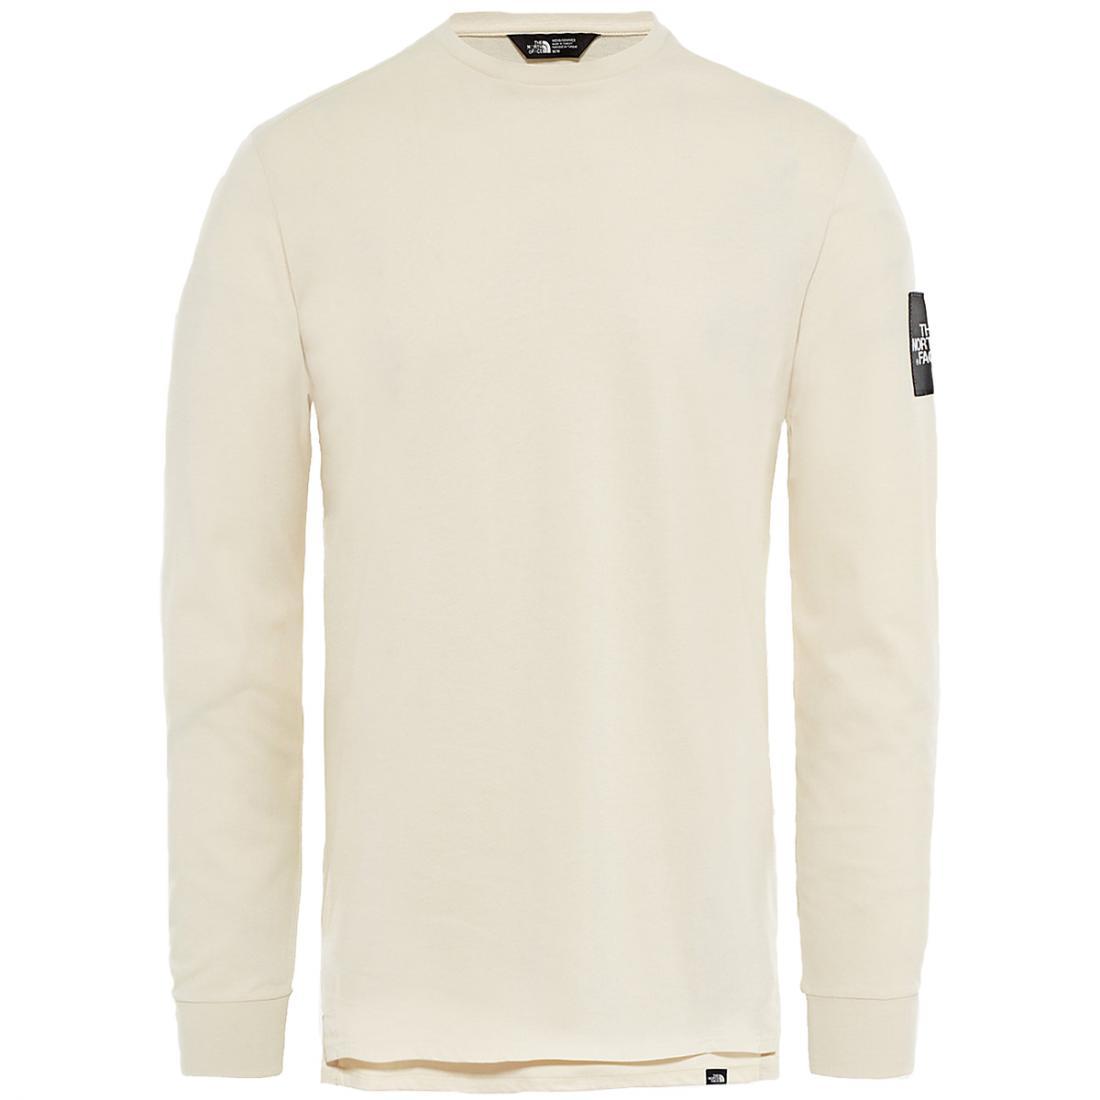 Футболка M L/S FINE 2 TEEФутболки, поло<br><br>Классическая мужская футболка с длинным рукавом The North Face FINE 2 выполнена из натурального хлопка высокого качества. Она мягкая, приятная к телу, отлично садится по фигуре и хорошо сочетается с любой одеждой.<br><br>Характеристики футболки ...